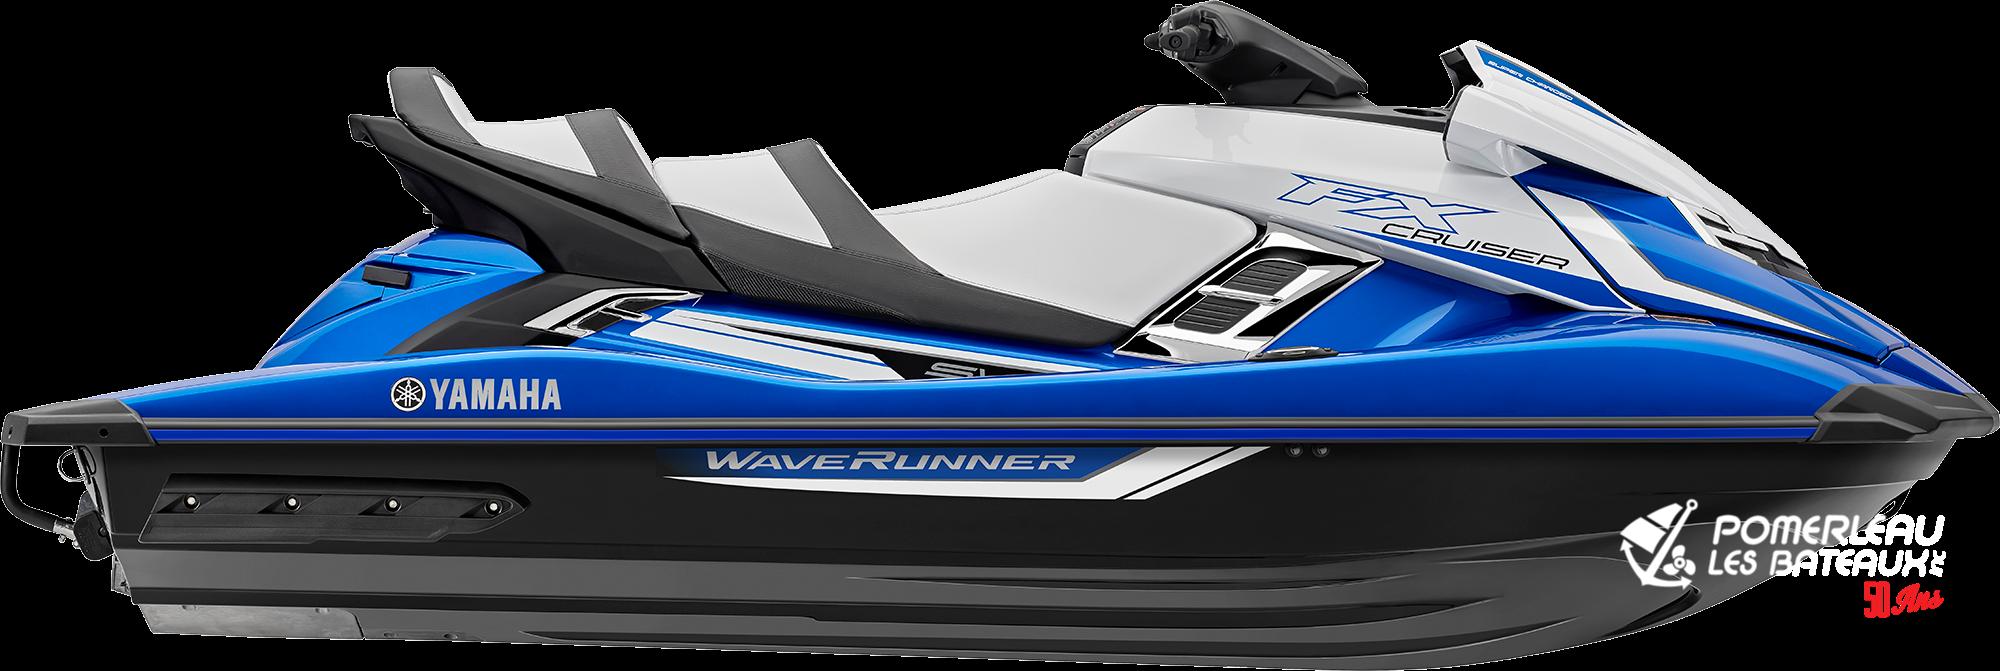 Yamaha FX Cruiser SVHO - 2018-FX-Cruiser-SVHO-Blue_1_l